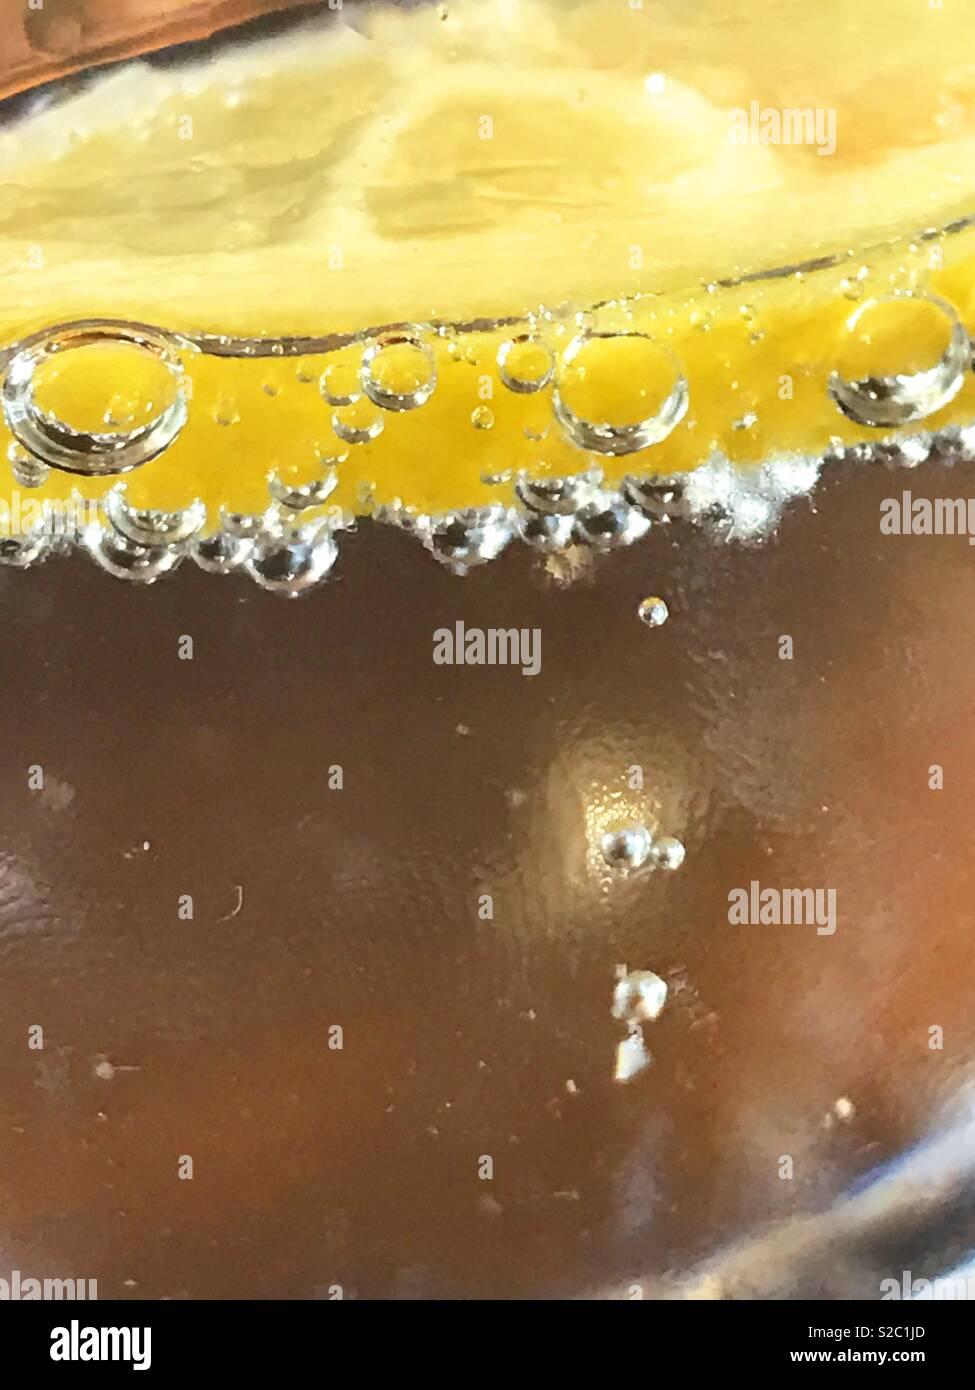 Scheibe der Zitrone im glitzernden Wasser. Stockbild